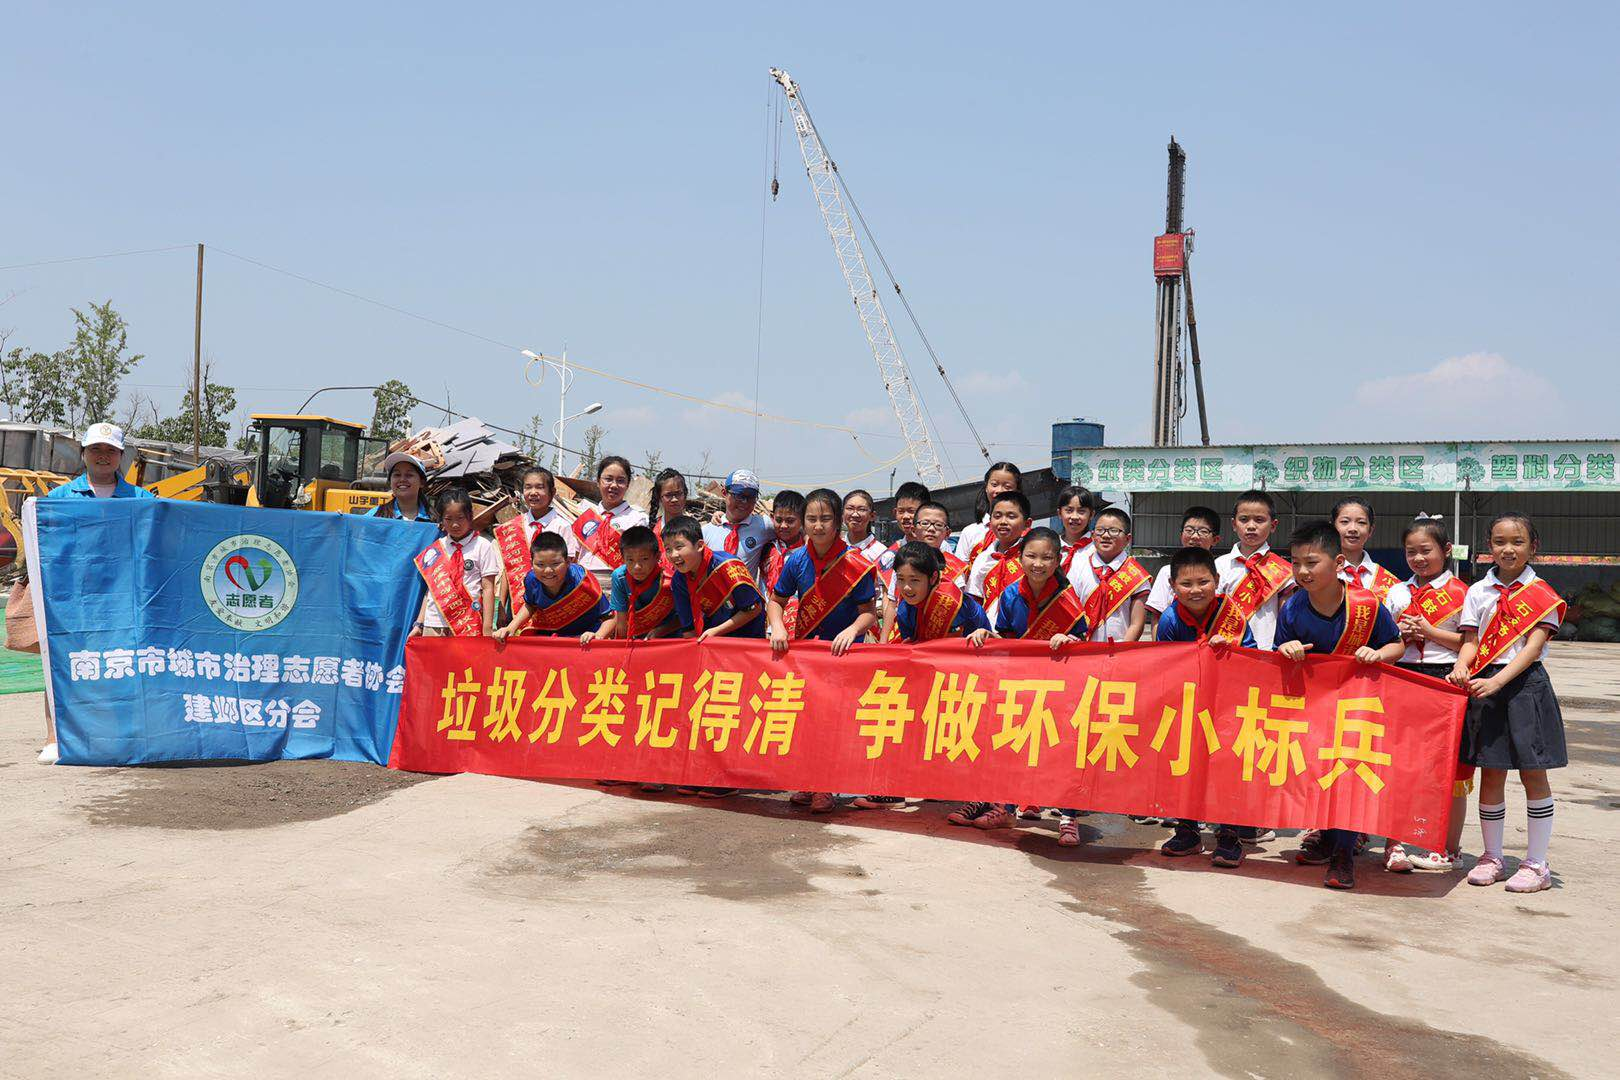 南京建邺雏鹰假日小队活动 30名小学生学习垃圾分类